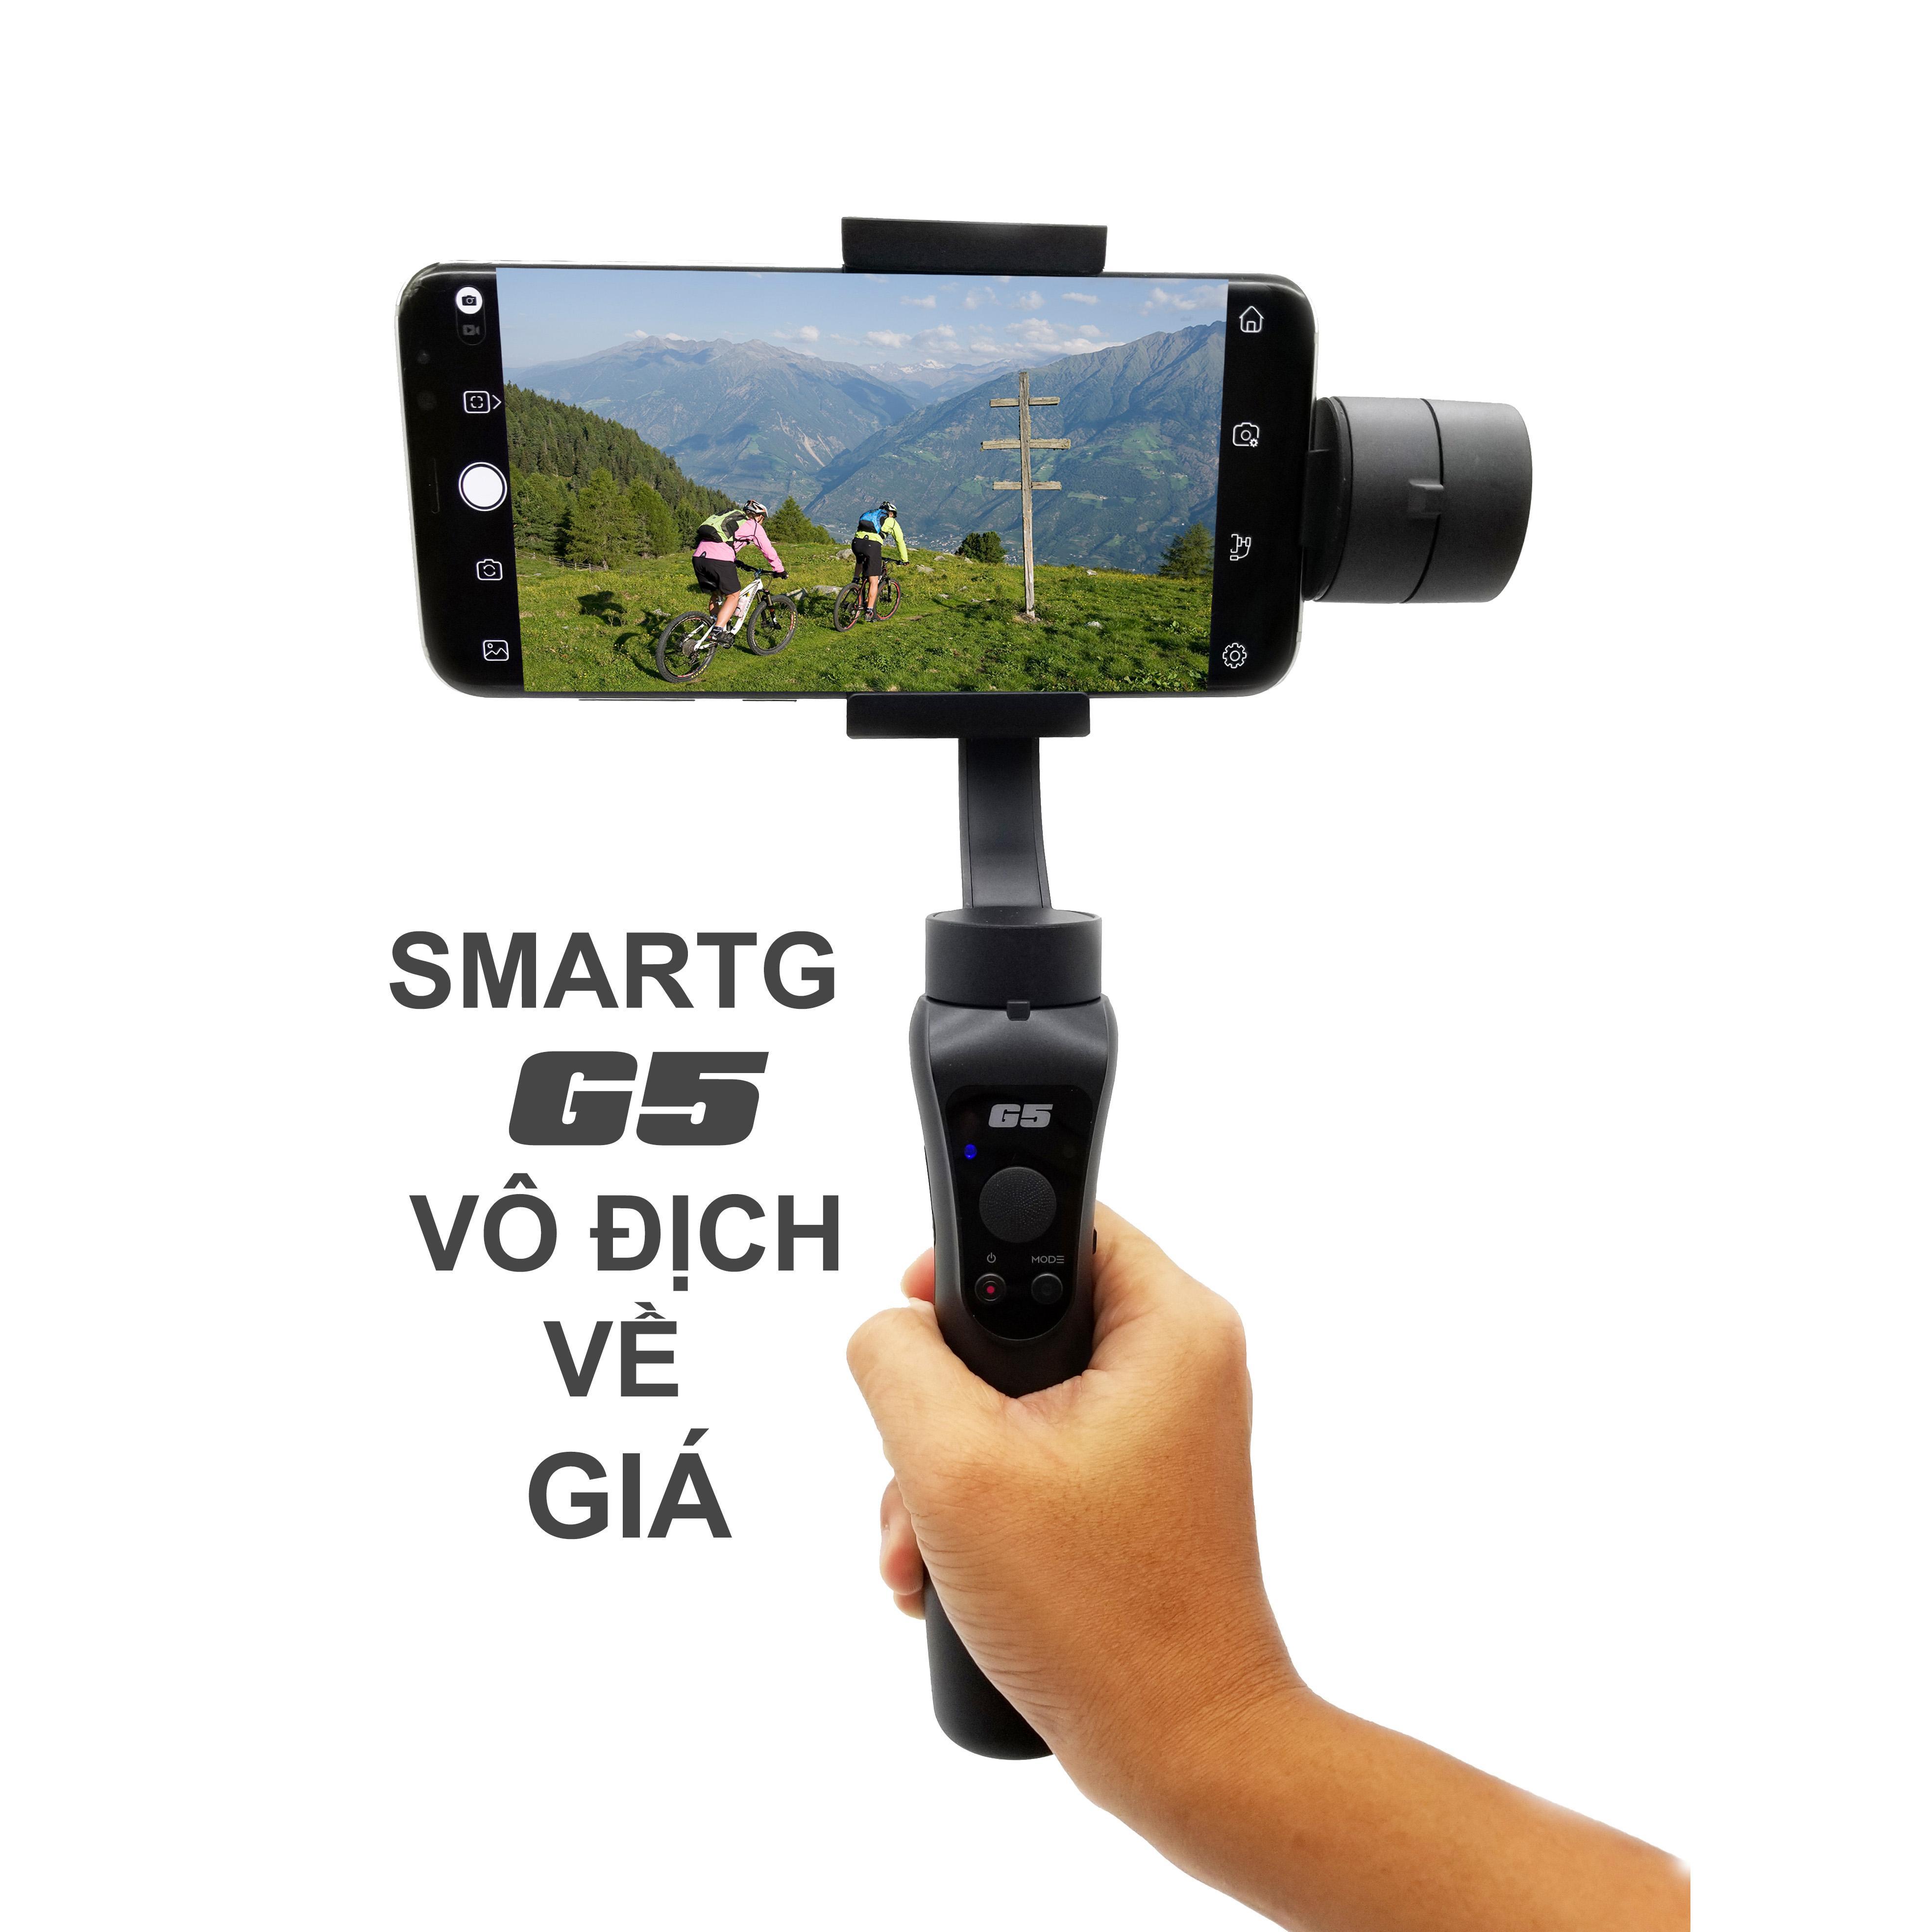 Hình ảnh Gimbal SmartG G5 chống rung cho Smartphone, Gopro, Gitup, Sjcam, Eken - Đối thủ đáng gờm Zhiyun Smooth Q